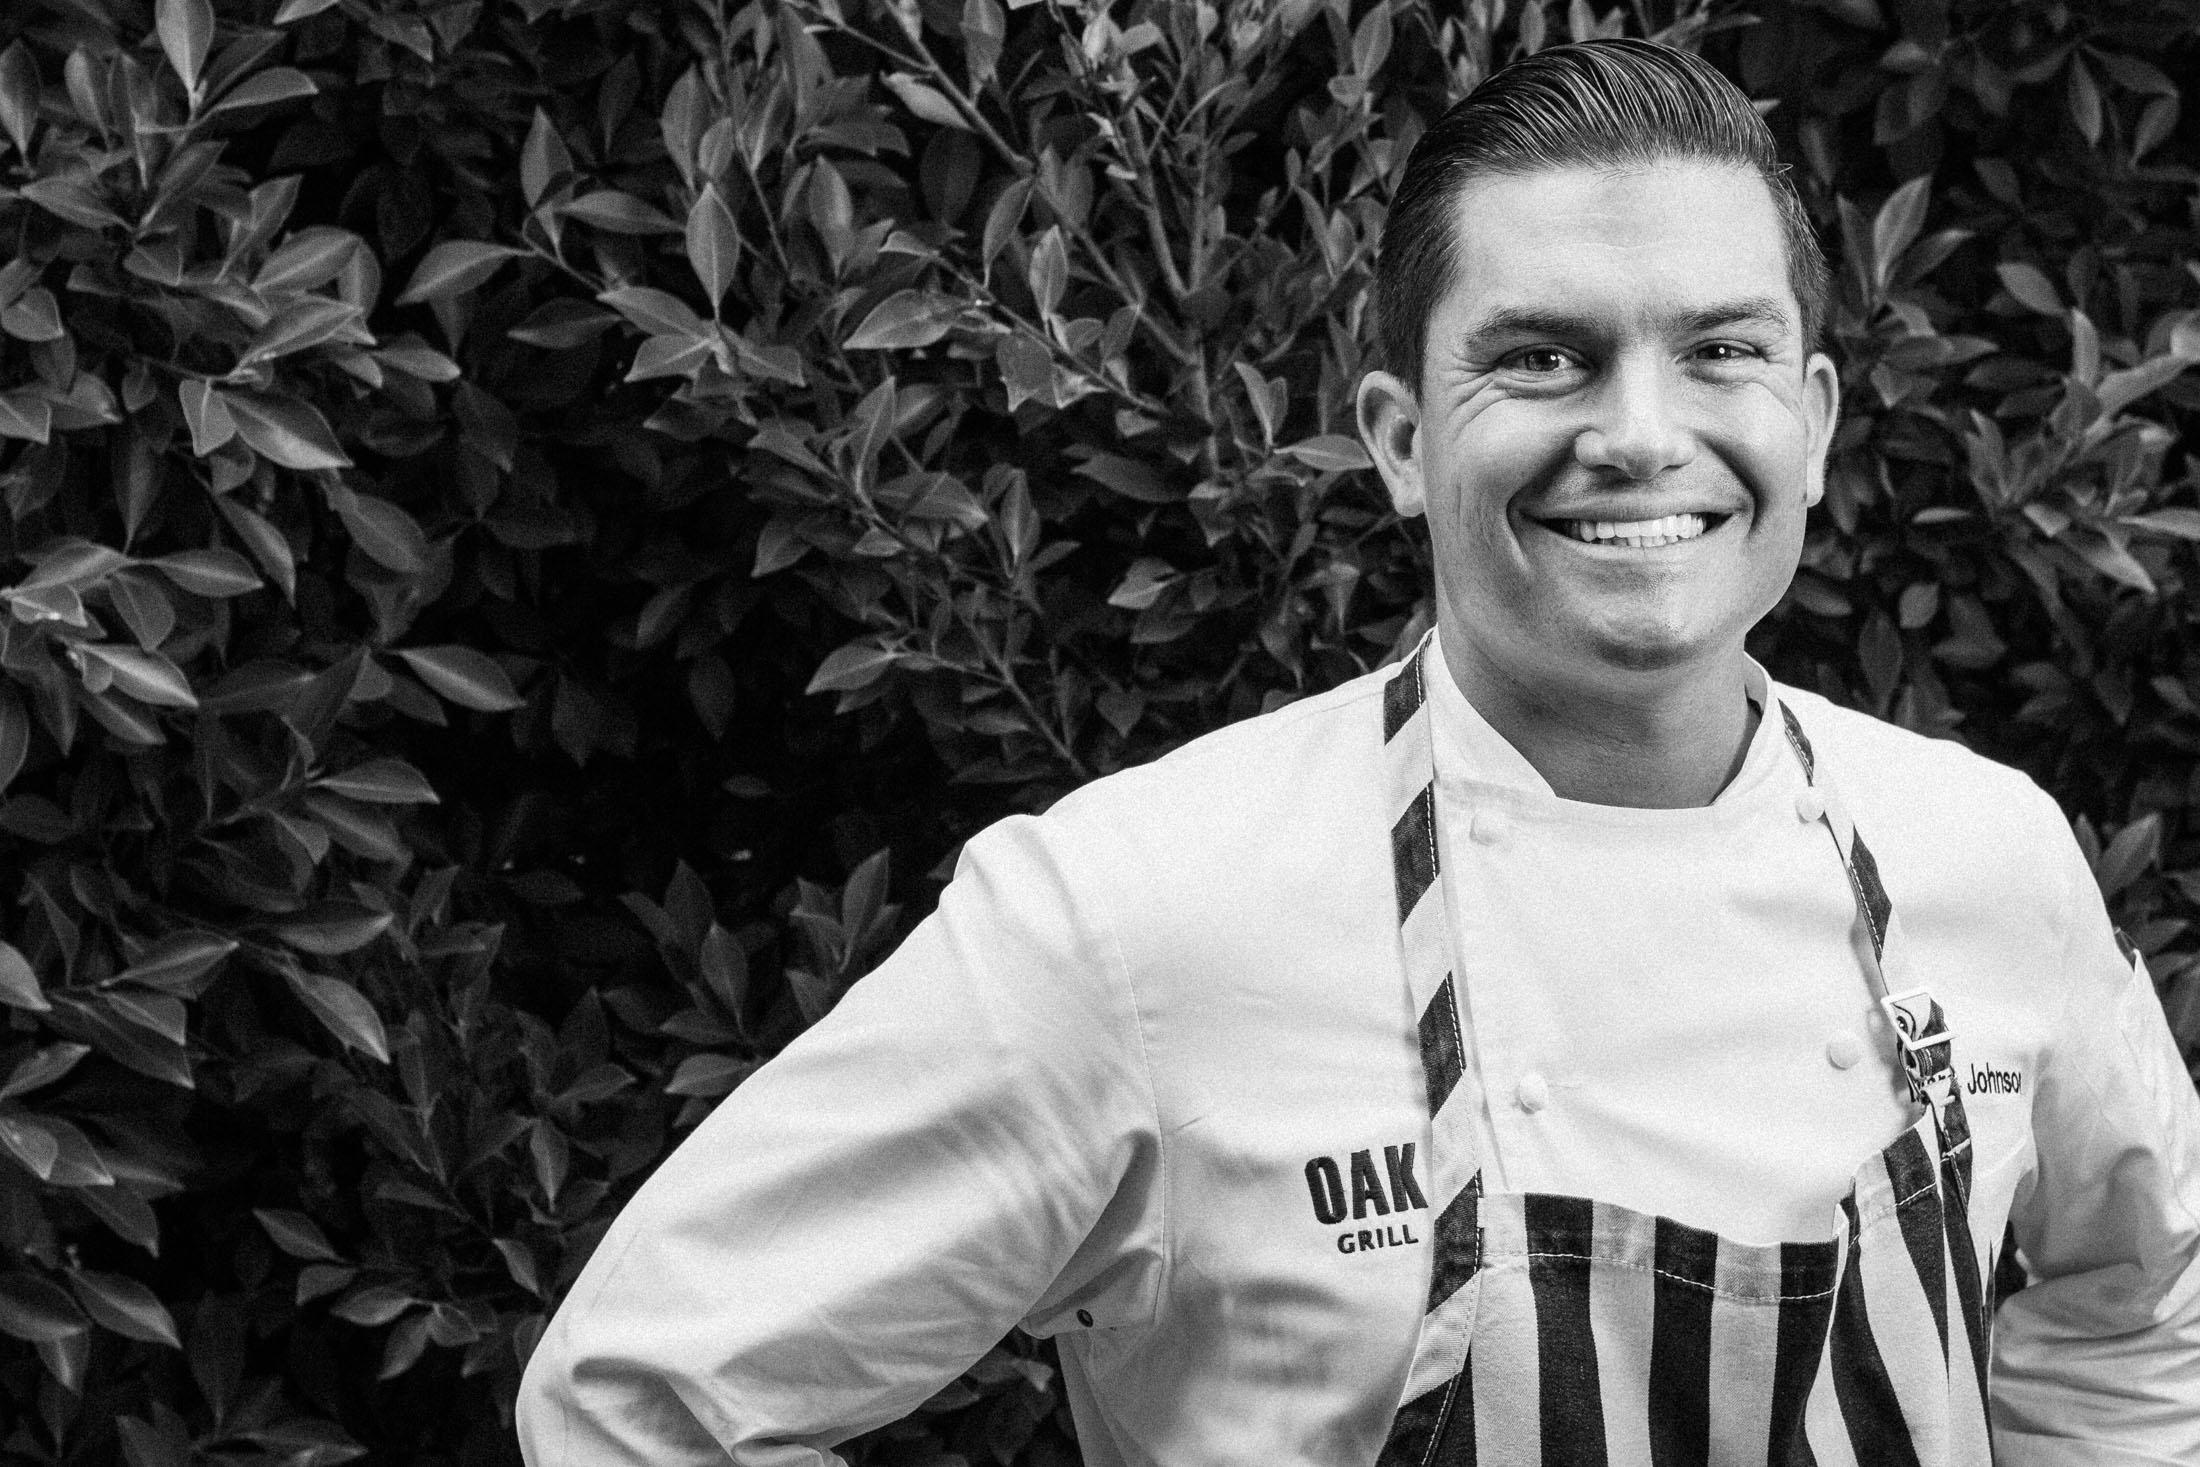 2. Chef Marc Johnson / Oak Grill / Newport Beach, California